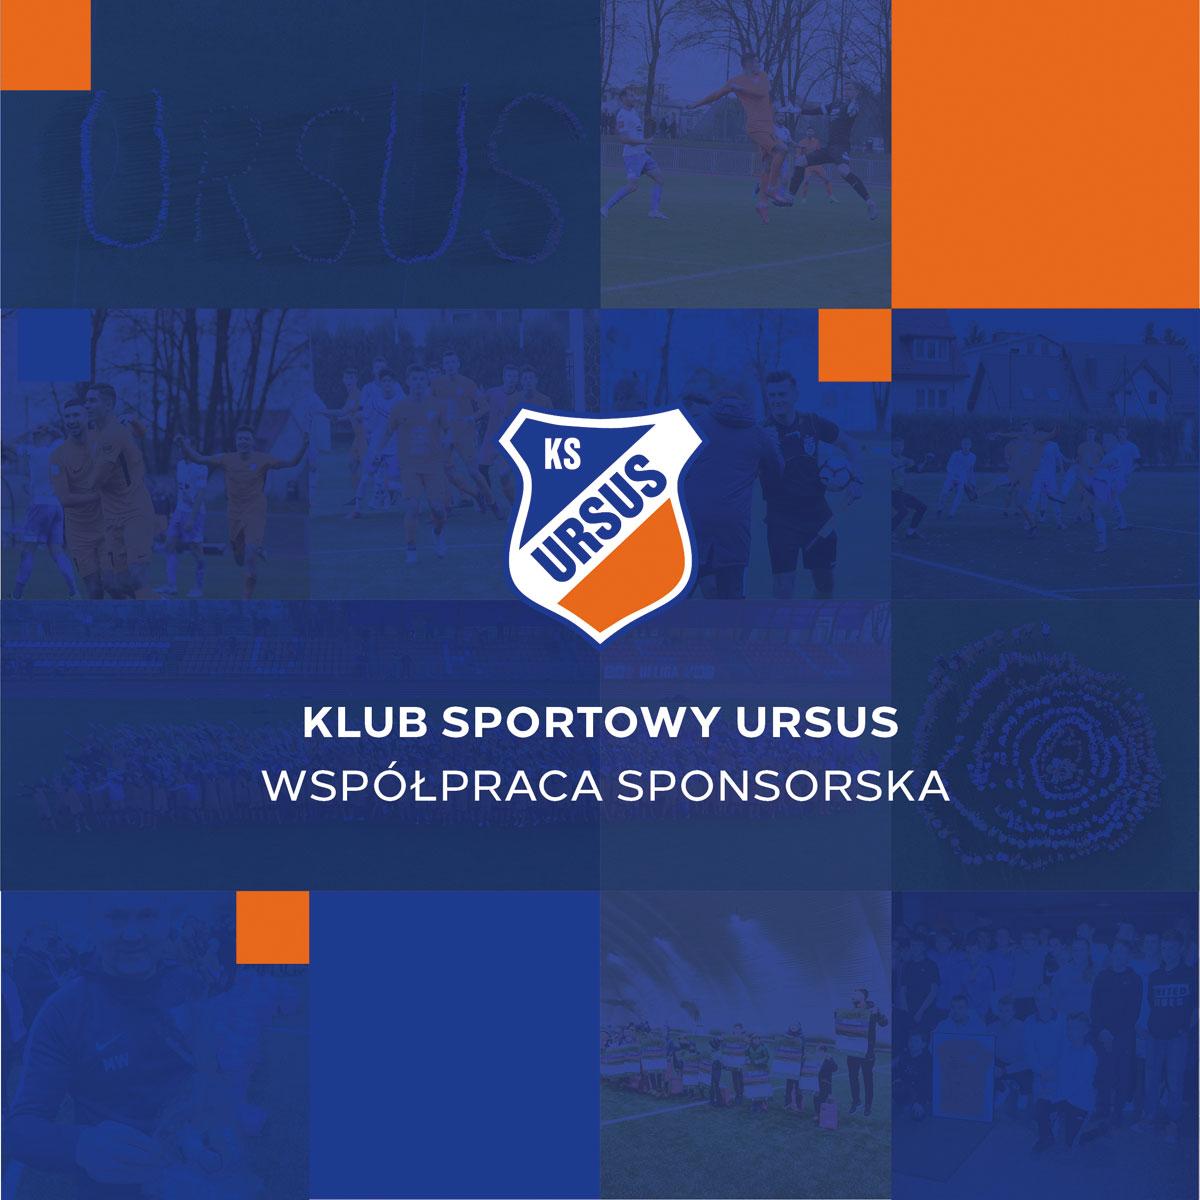 Folder sponsorski Klubu Sportowego Ursus Warszawa na 2020 r.